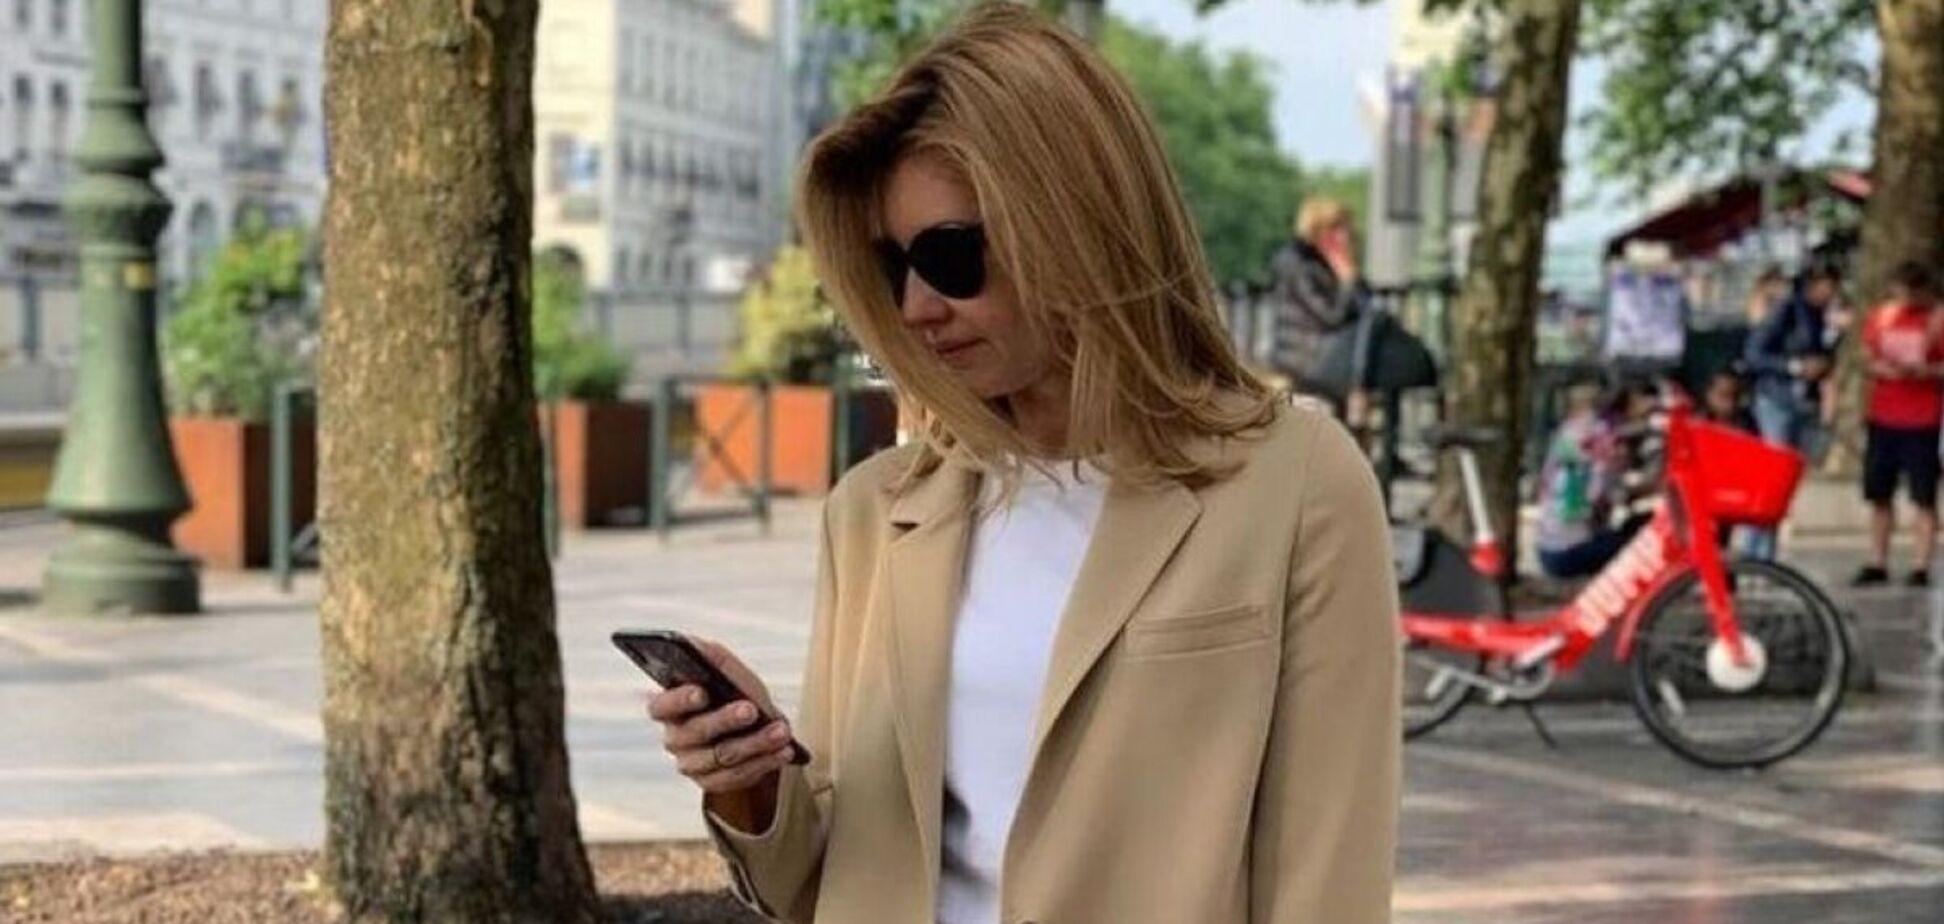 Олена Зеленська прийшла на зустріч у стильному бежевому костюмі. Фото